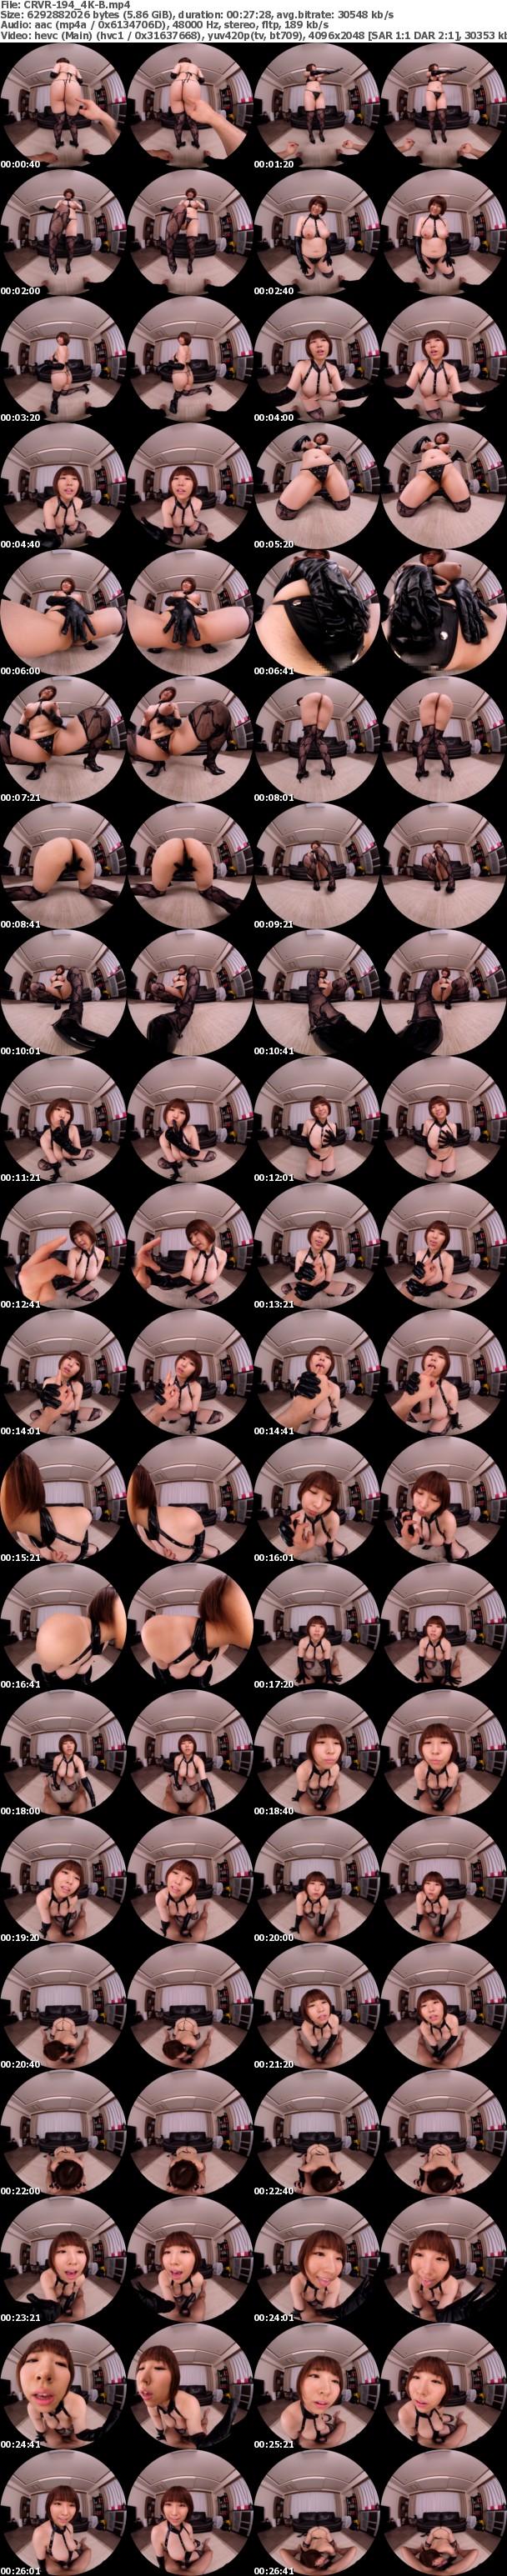 (VR) (4K) CRVR-194 松本菜奈実 彼女がボンデージに着替えたら…無邪気な彼女が豹変!飛び出したおっぱいが凄い…爆乳痴女SEX!